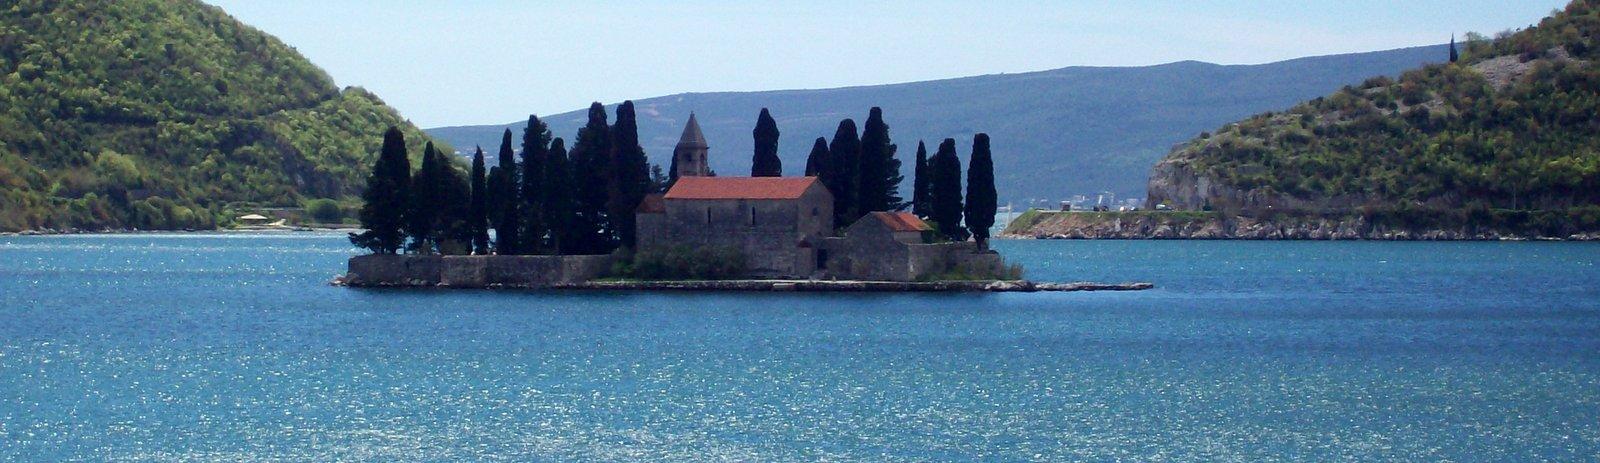 Insel des Heiligen Georg - Bucht von Kotor in Montenegro